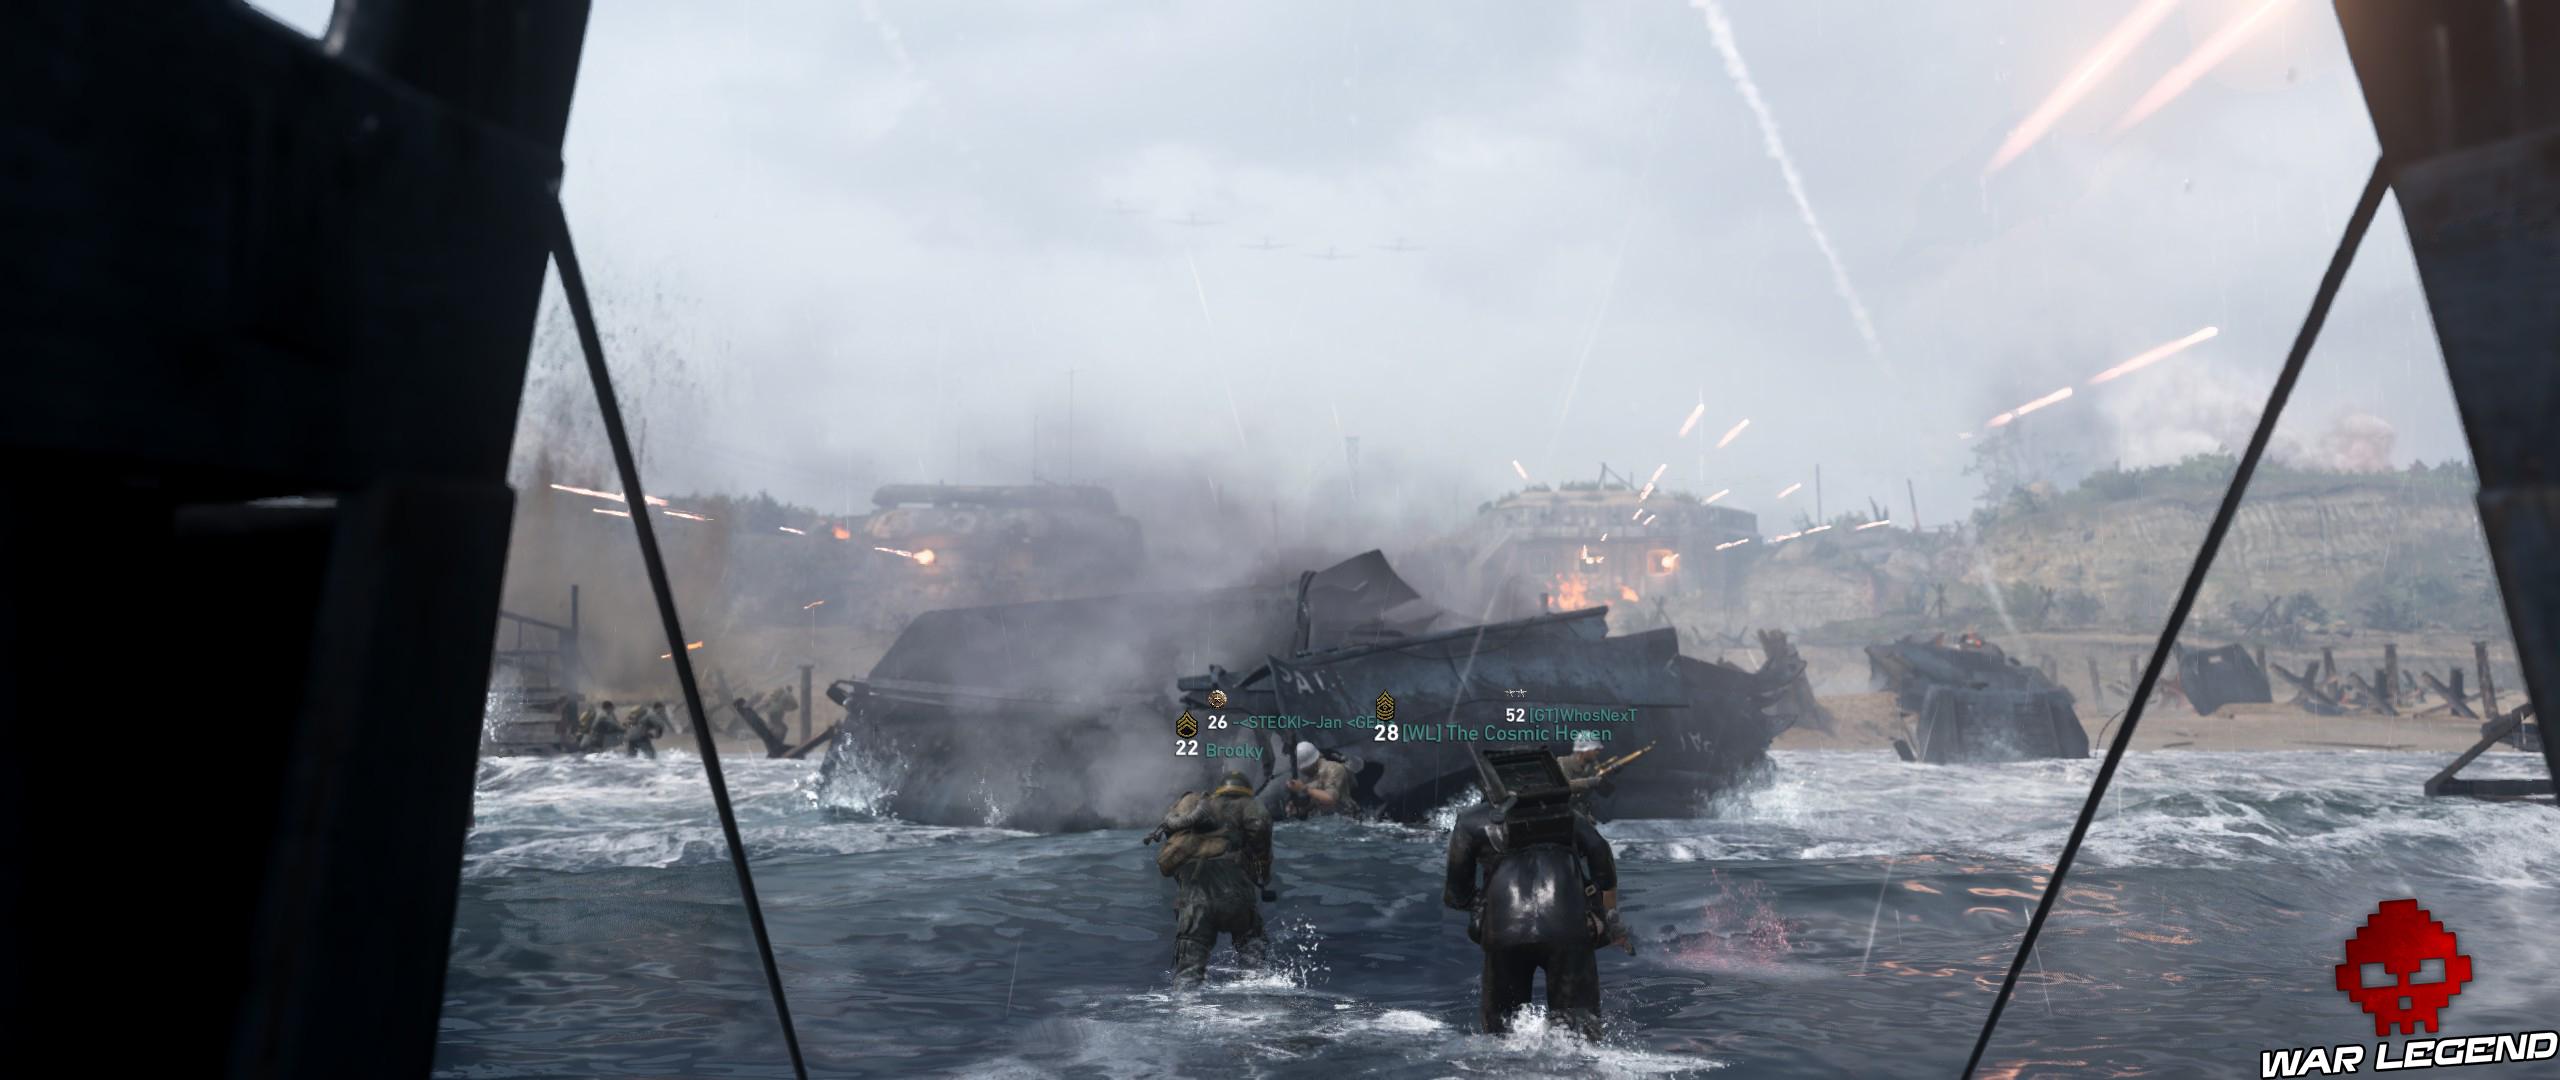 soldats dans l'eau mitraillés par des MG 42 dans des bunkers plus loin sur la plage